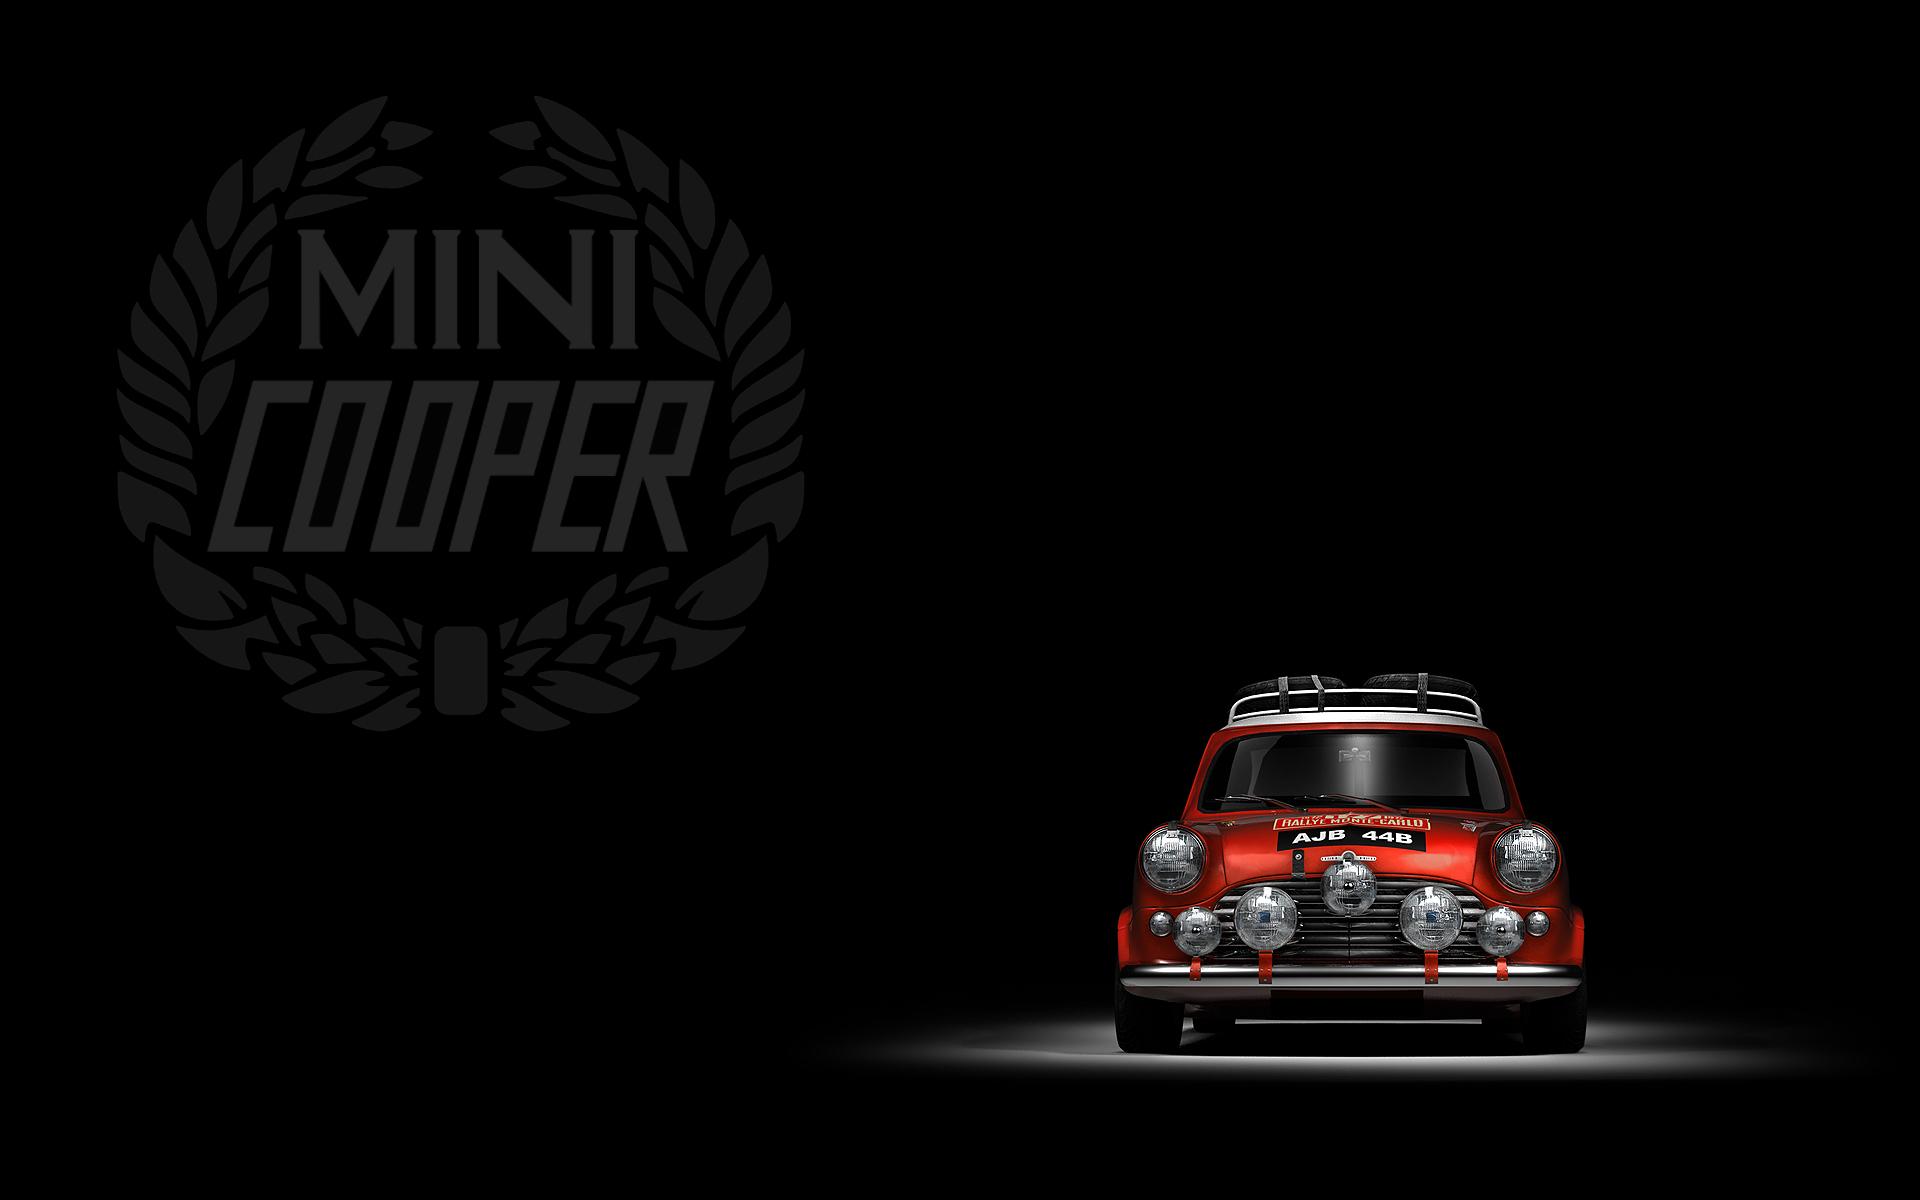 Classic mini cooper wallpaper wallpapersafari mini cooper logo hd wallpaper car pictures 1920x1200 voltagebd Images